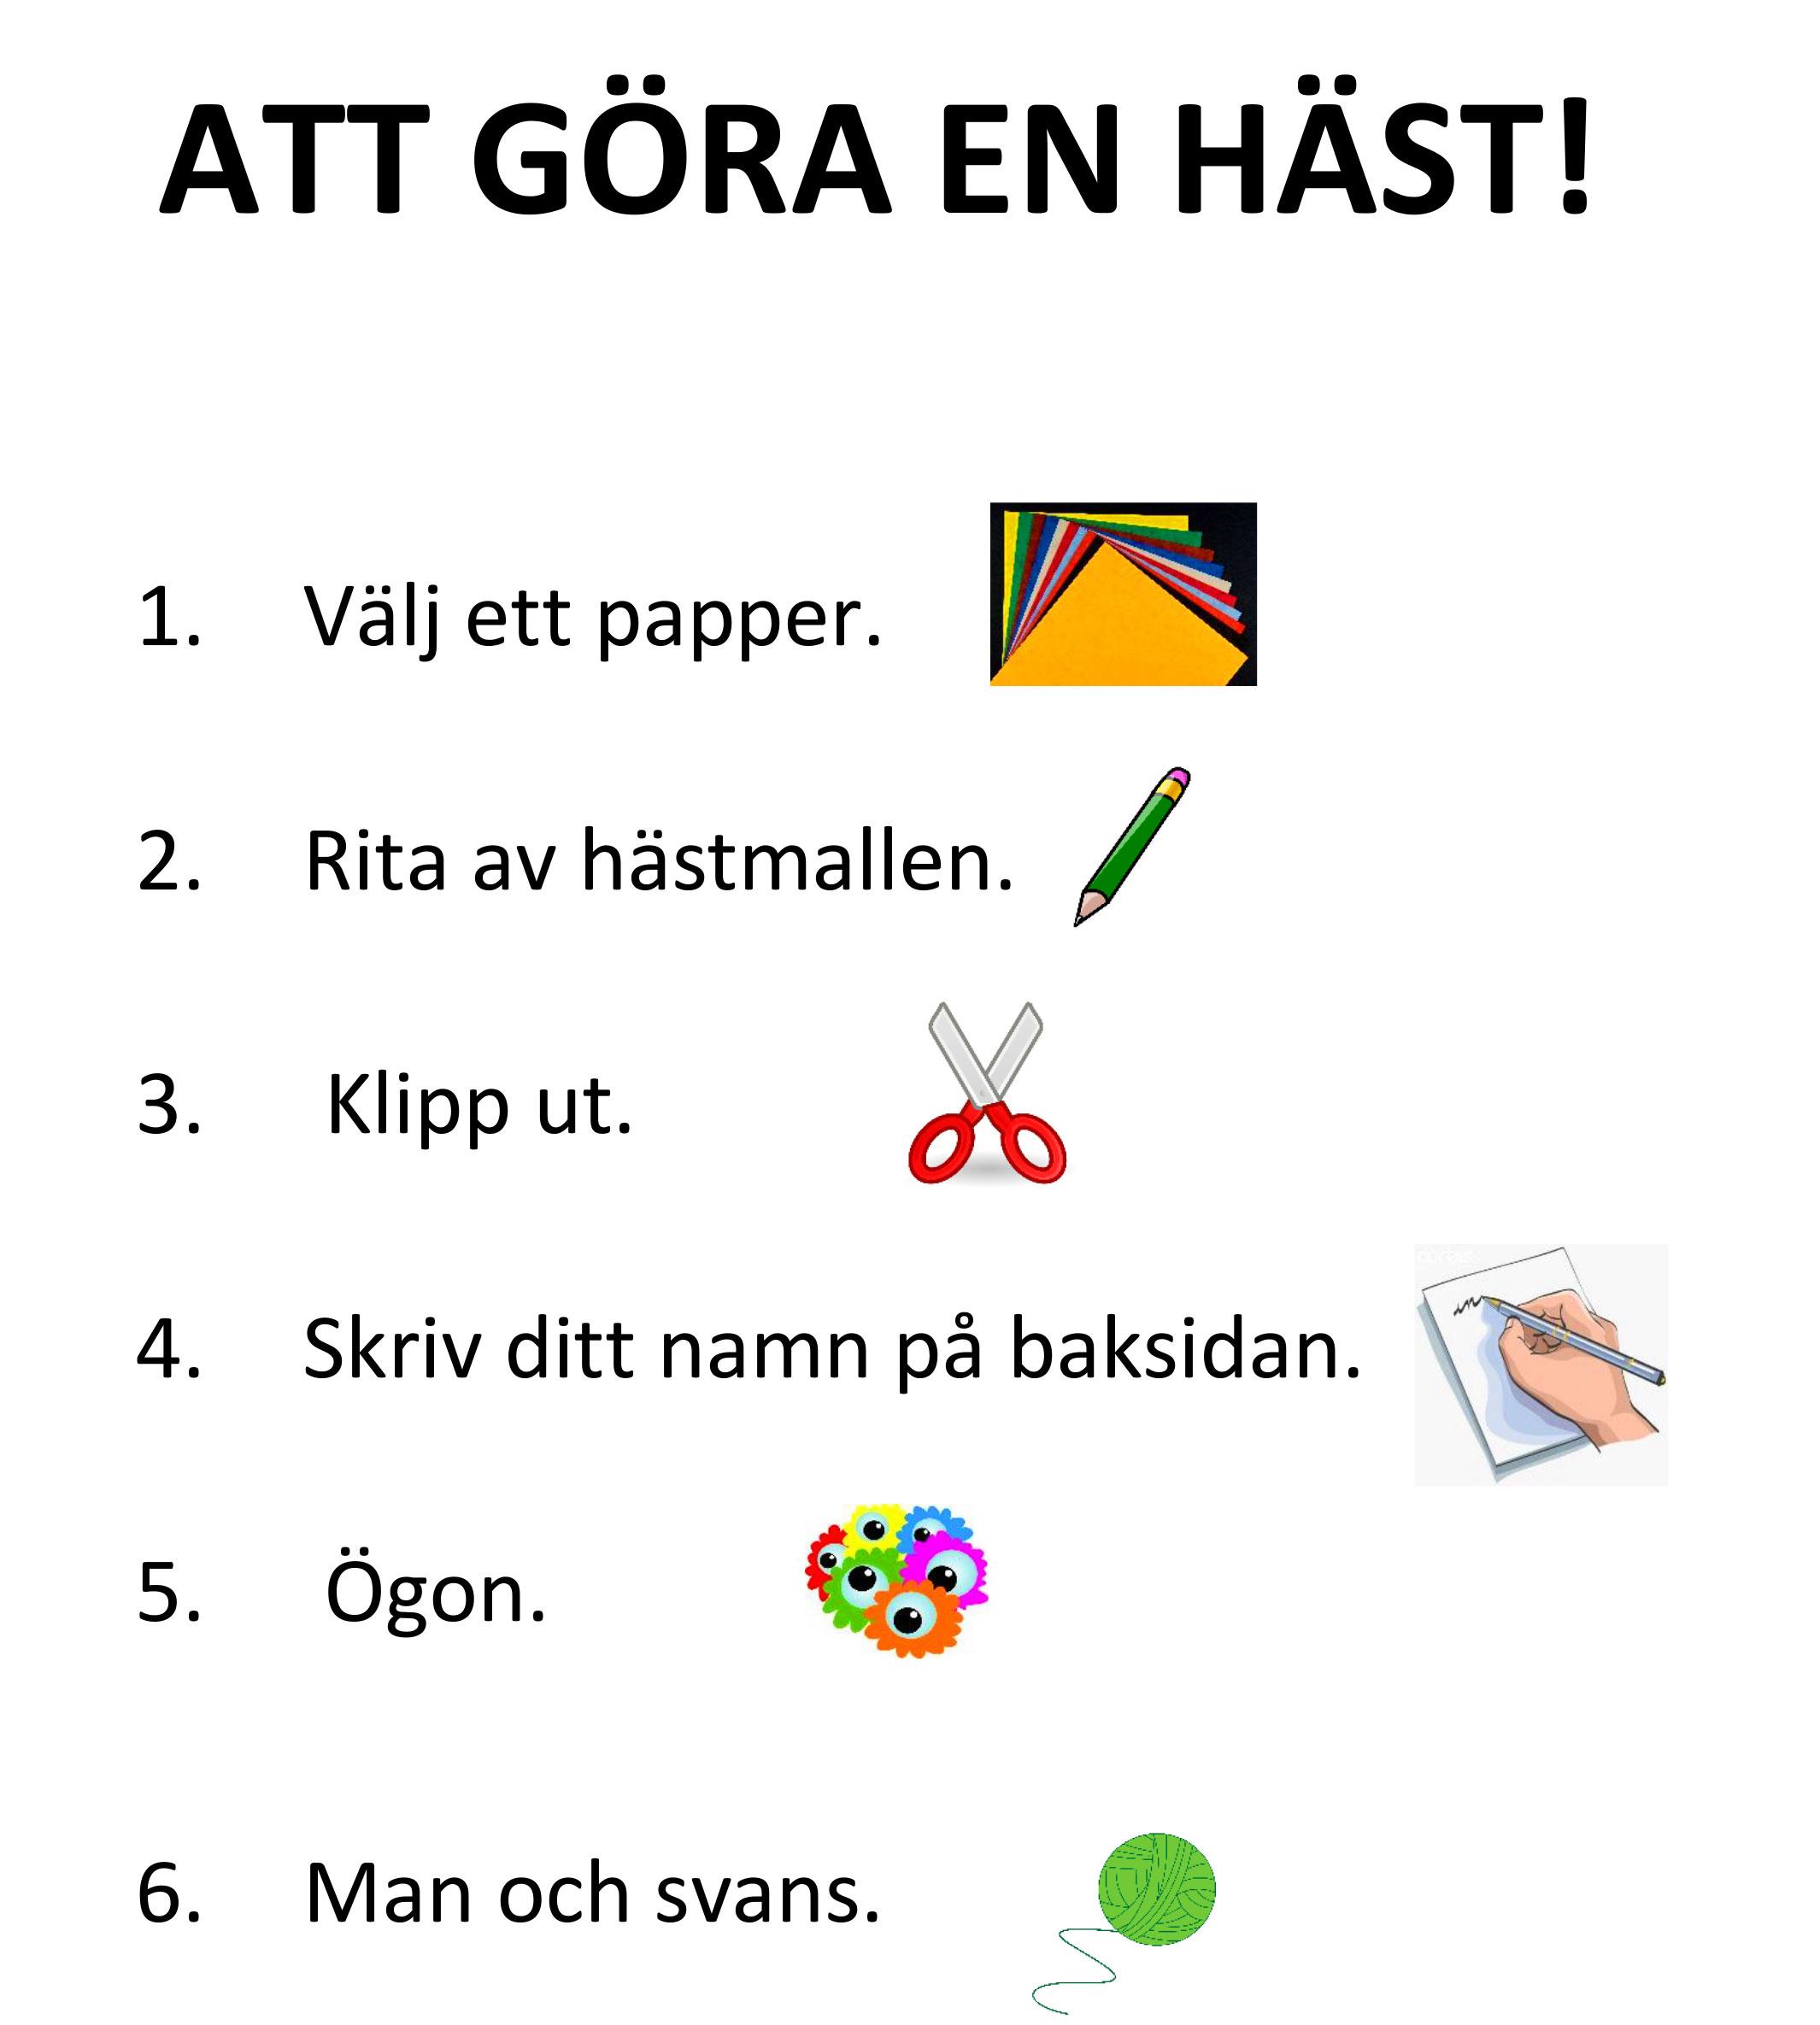 ATT-GÖRA-EN-HÄST